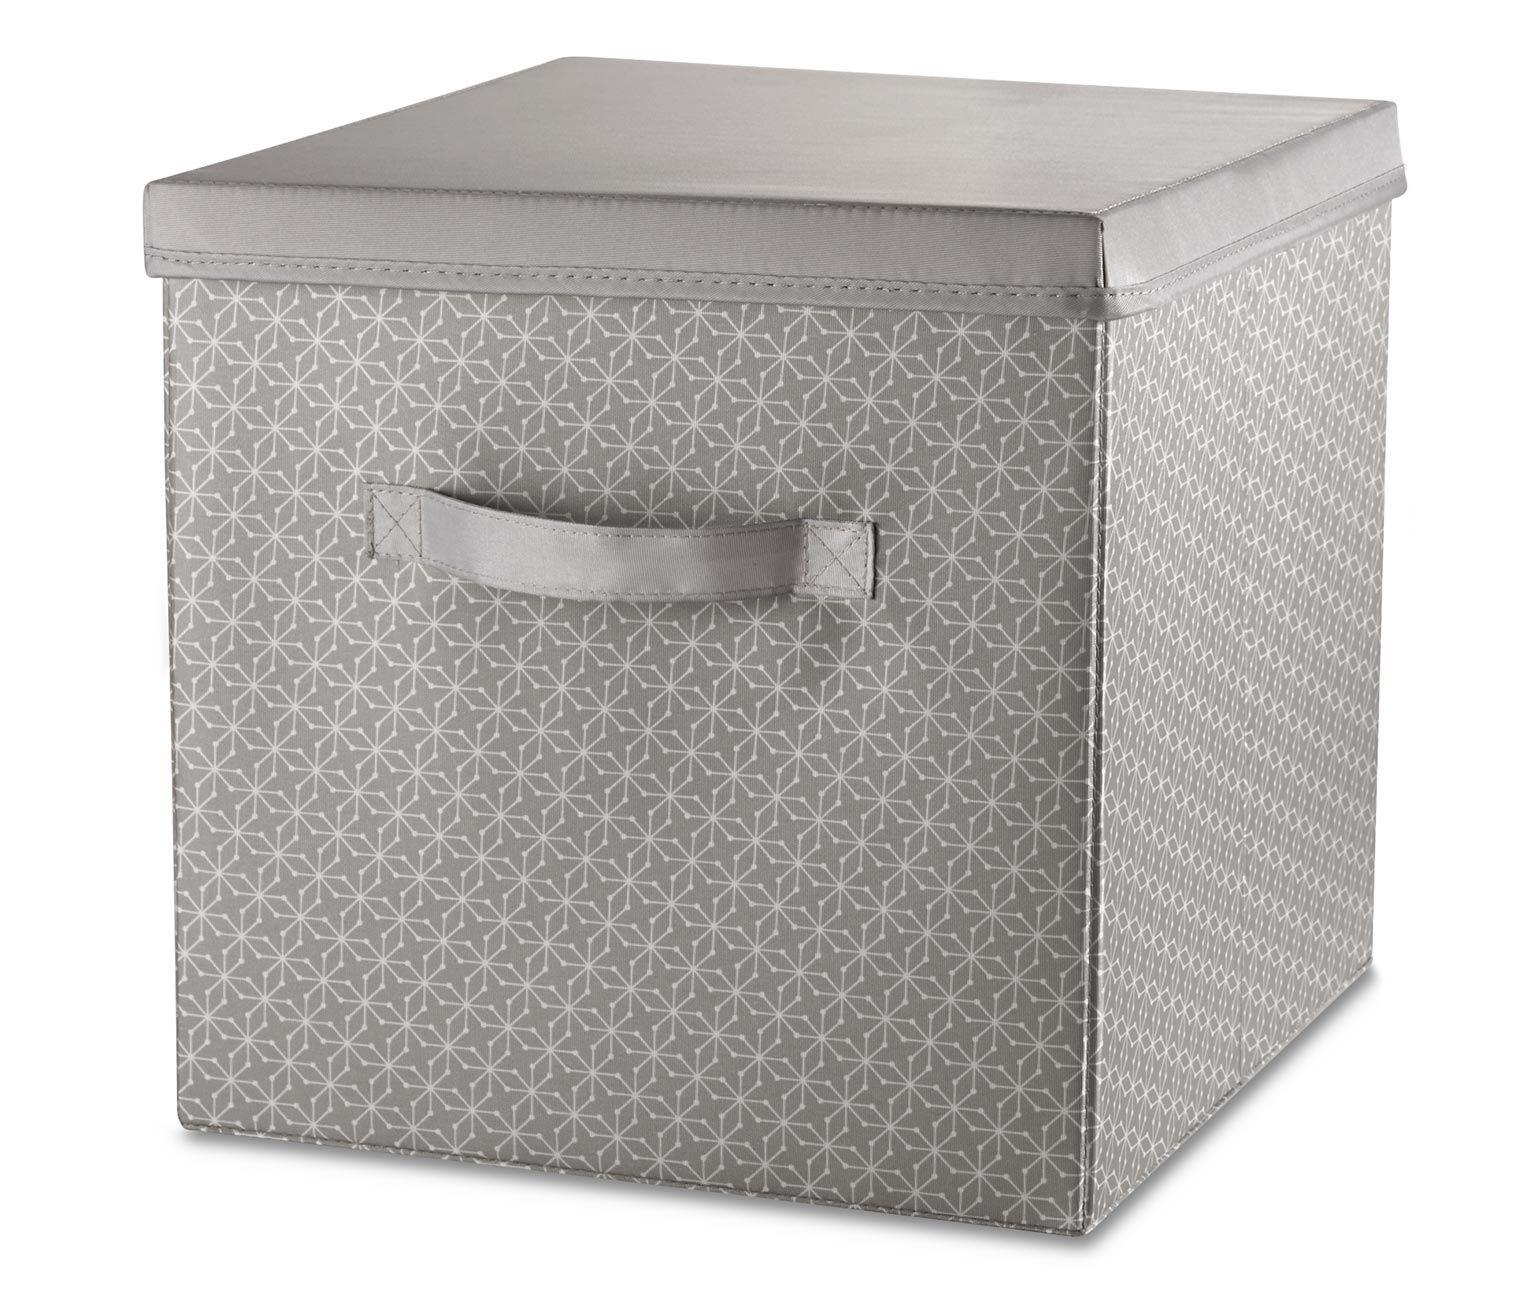 Großartig Ordnungsbox Mit Deckel Das Beste Von Tchibo